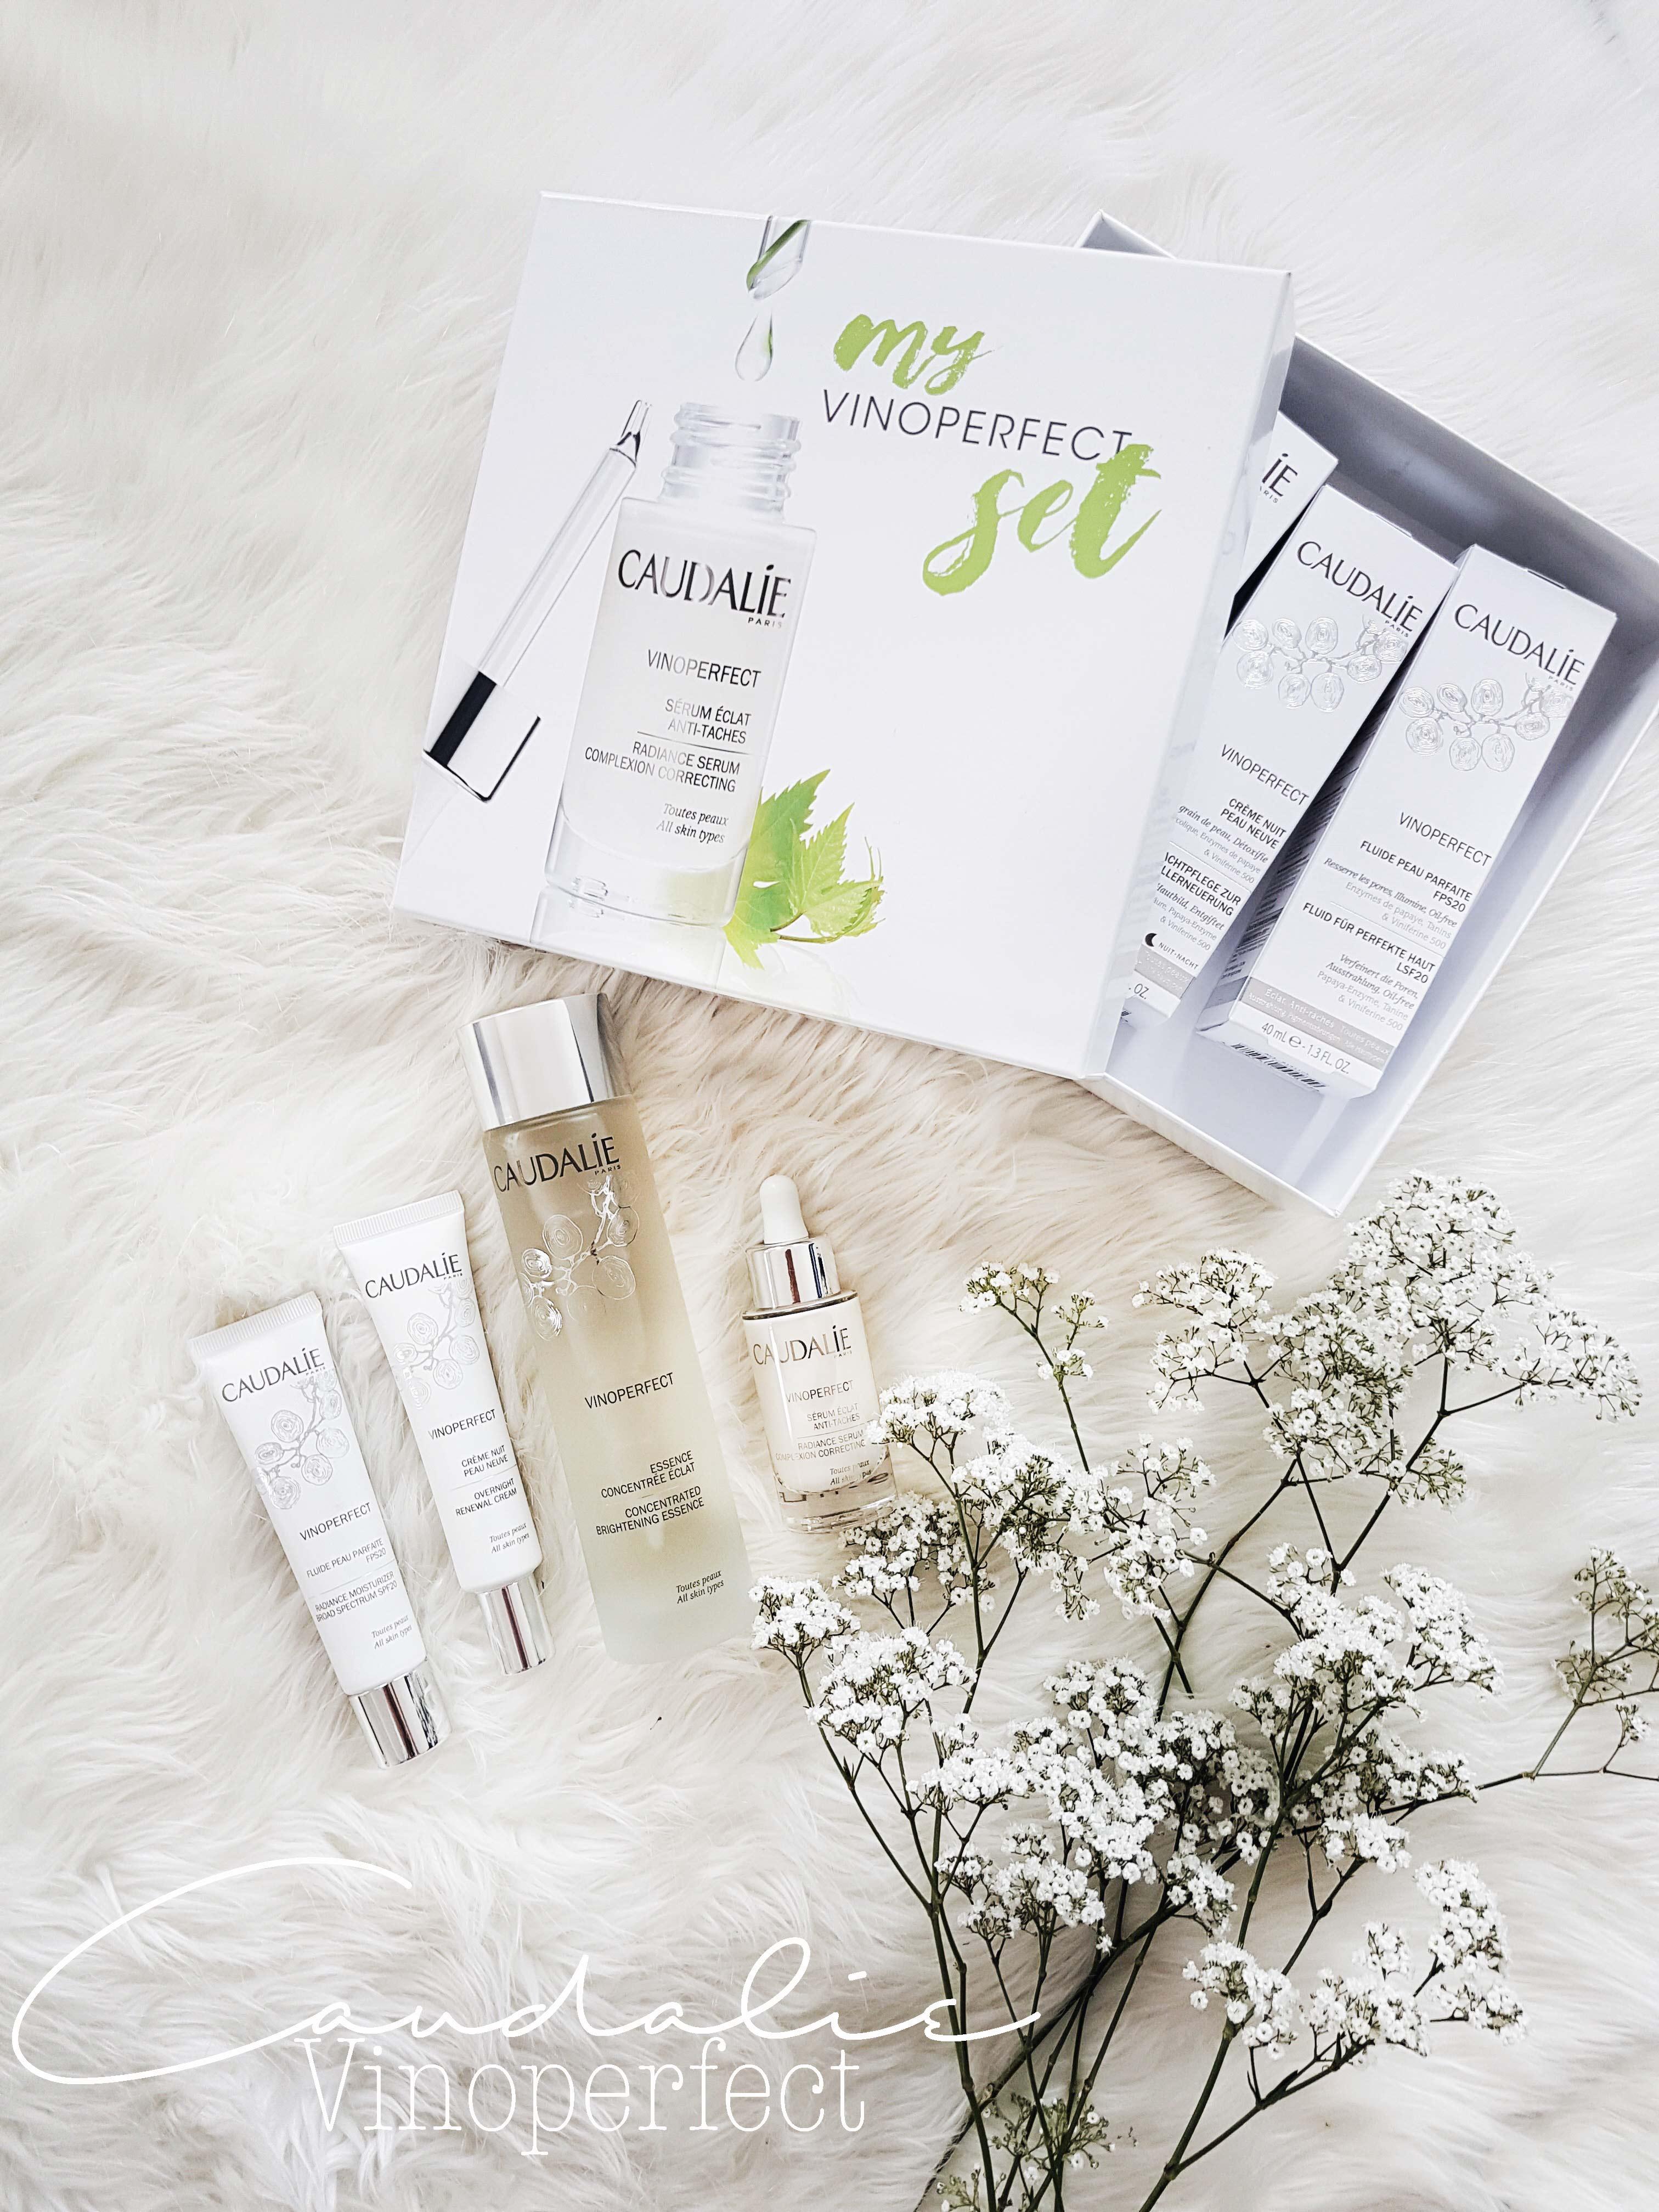 Caudalie Vinoperfect Gesichtspflege Beauty Test französische Hautpflege